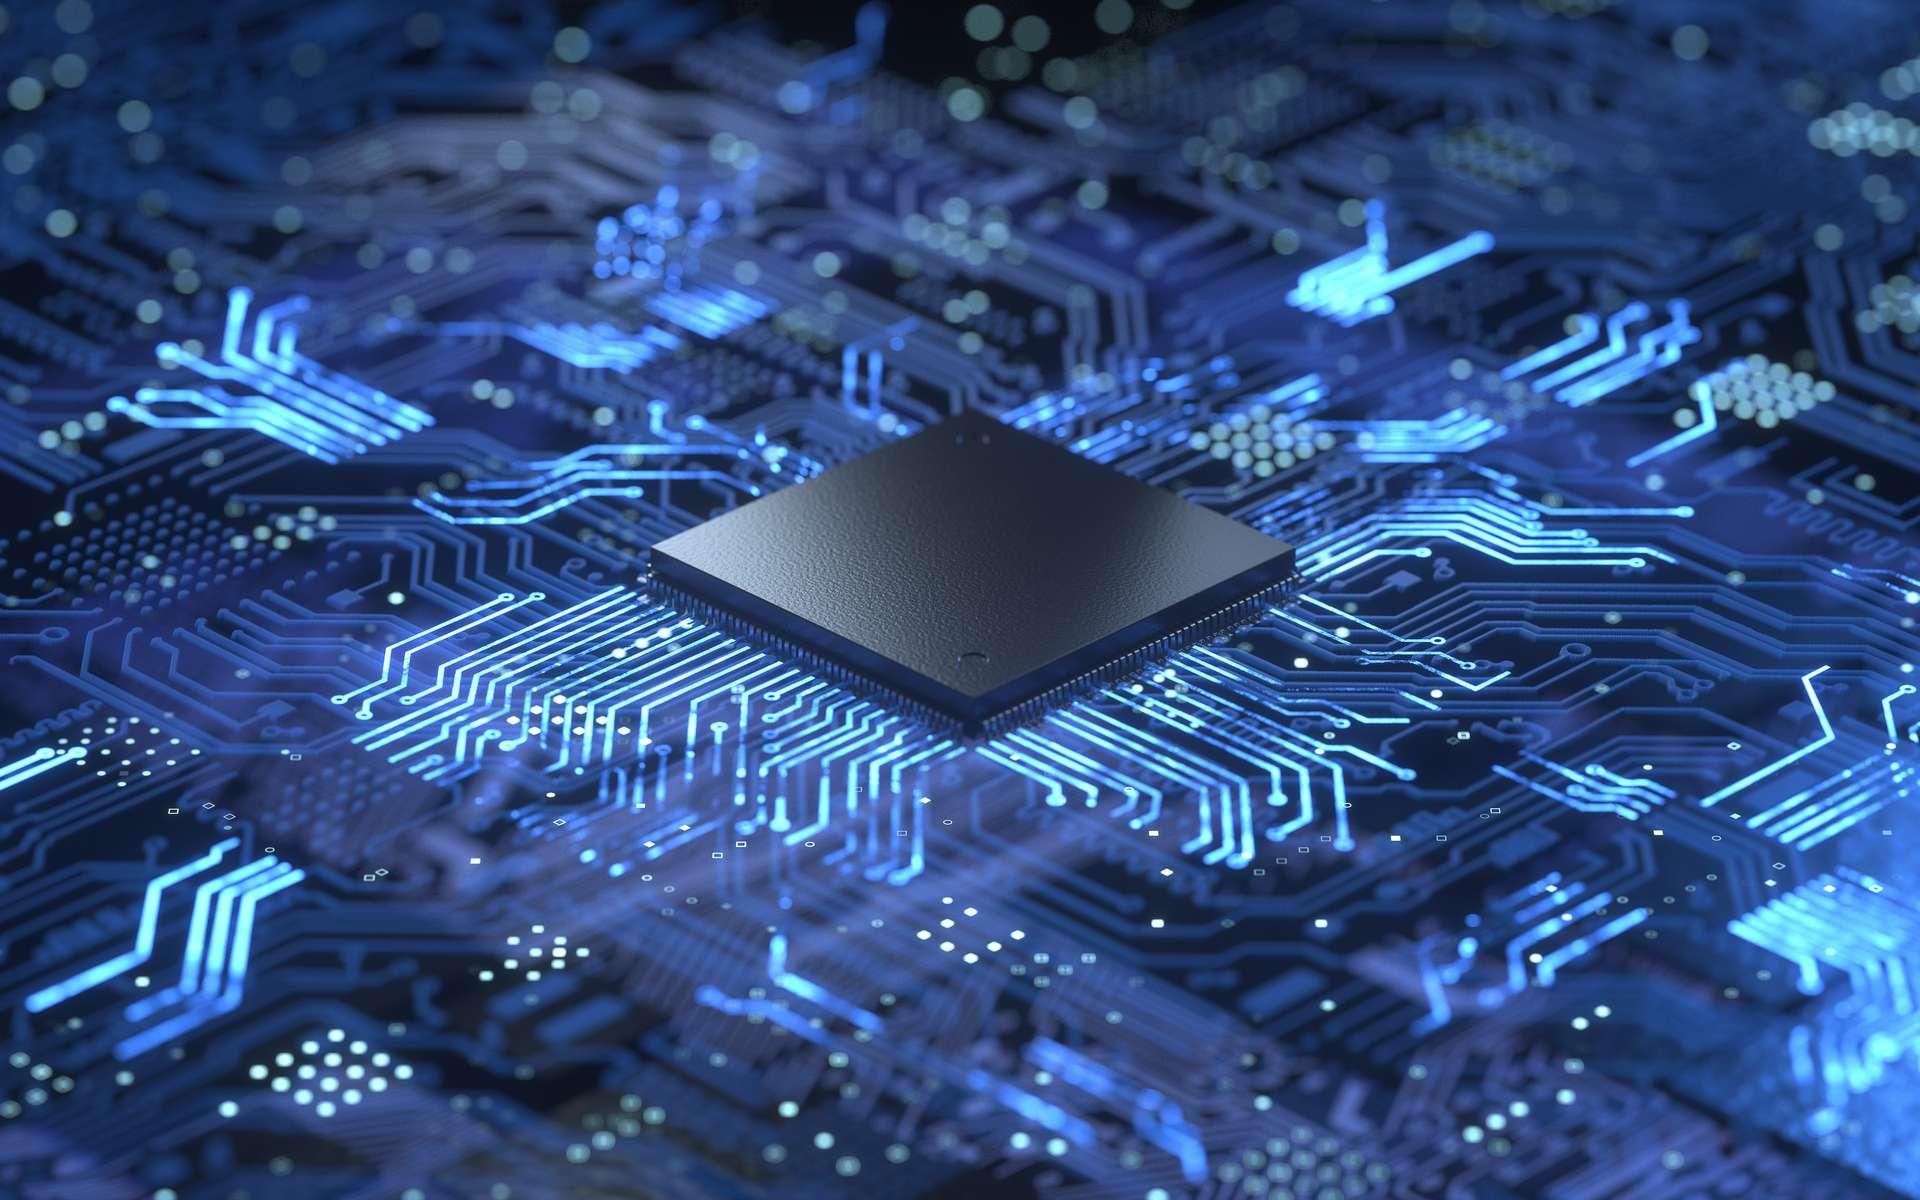 Intel travaille sur la cryptographie post-quantique compatible avec les objets connectés. © Shuo, Adobe Stock